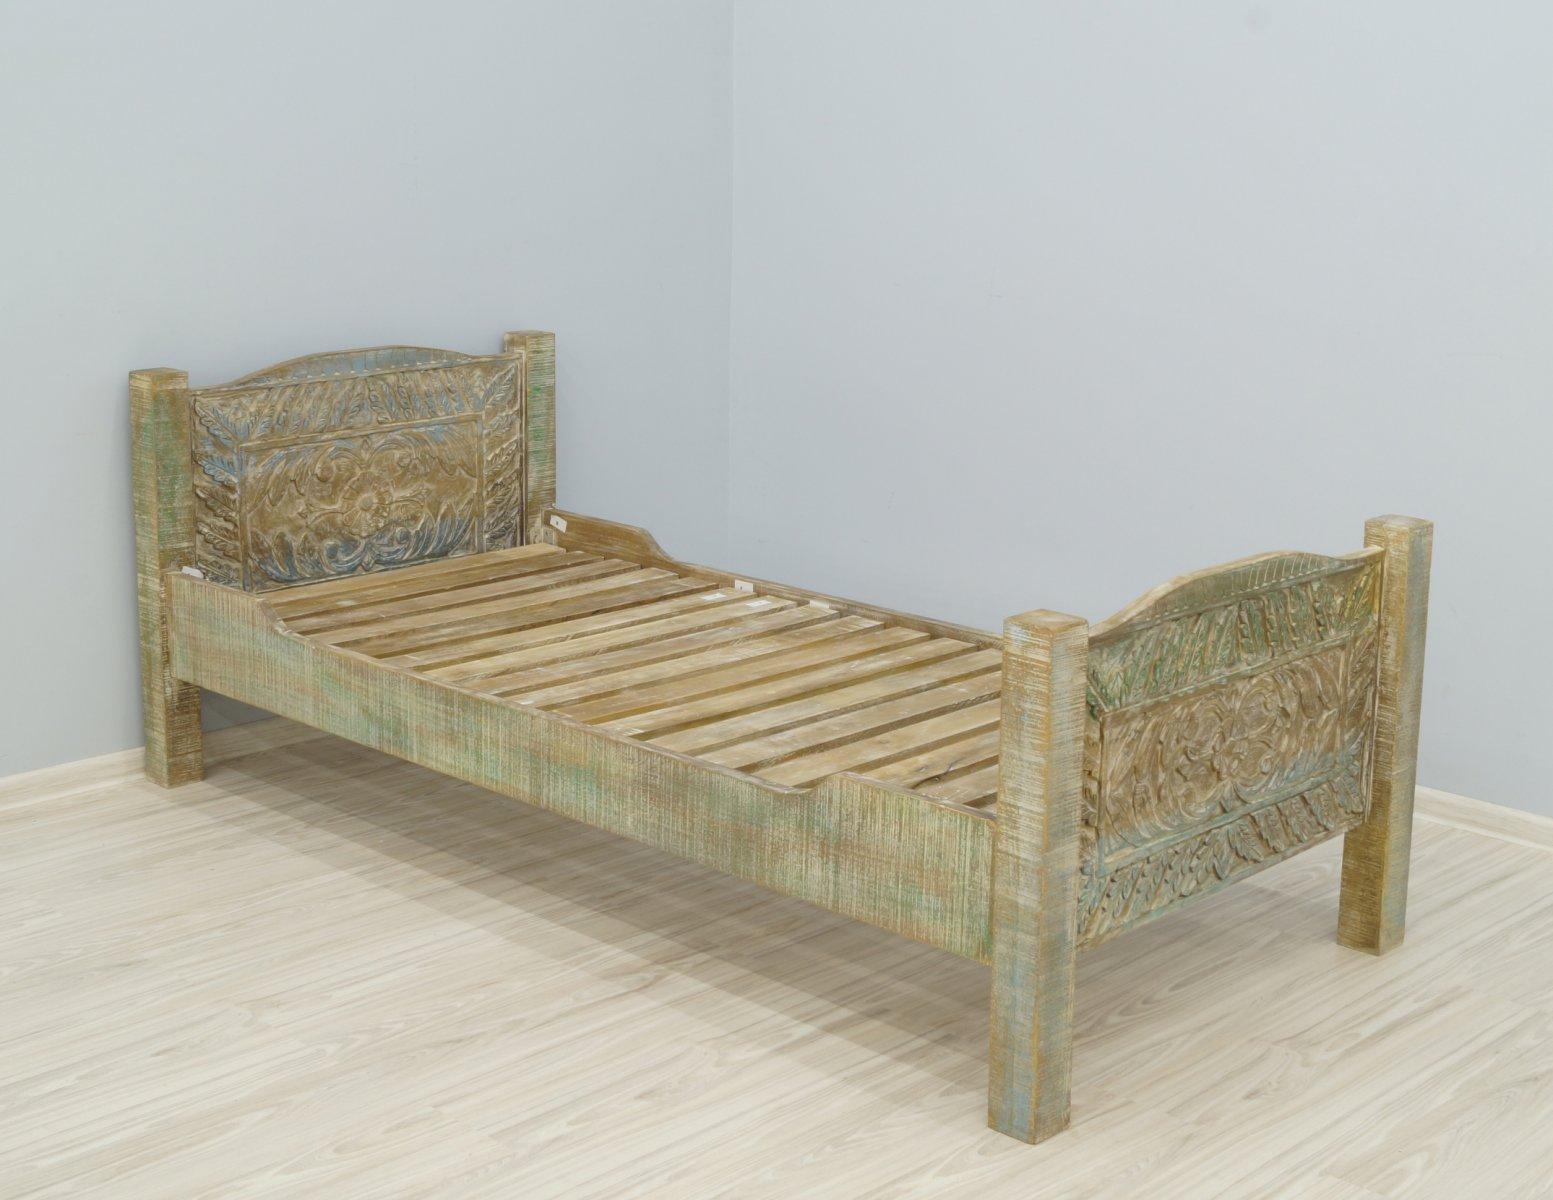 Łóżko pojedyncze kolonialne lite drewno mango styl Shabby Chic